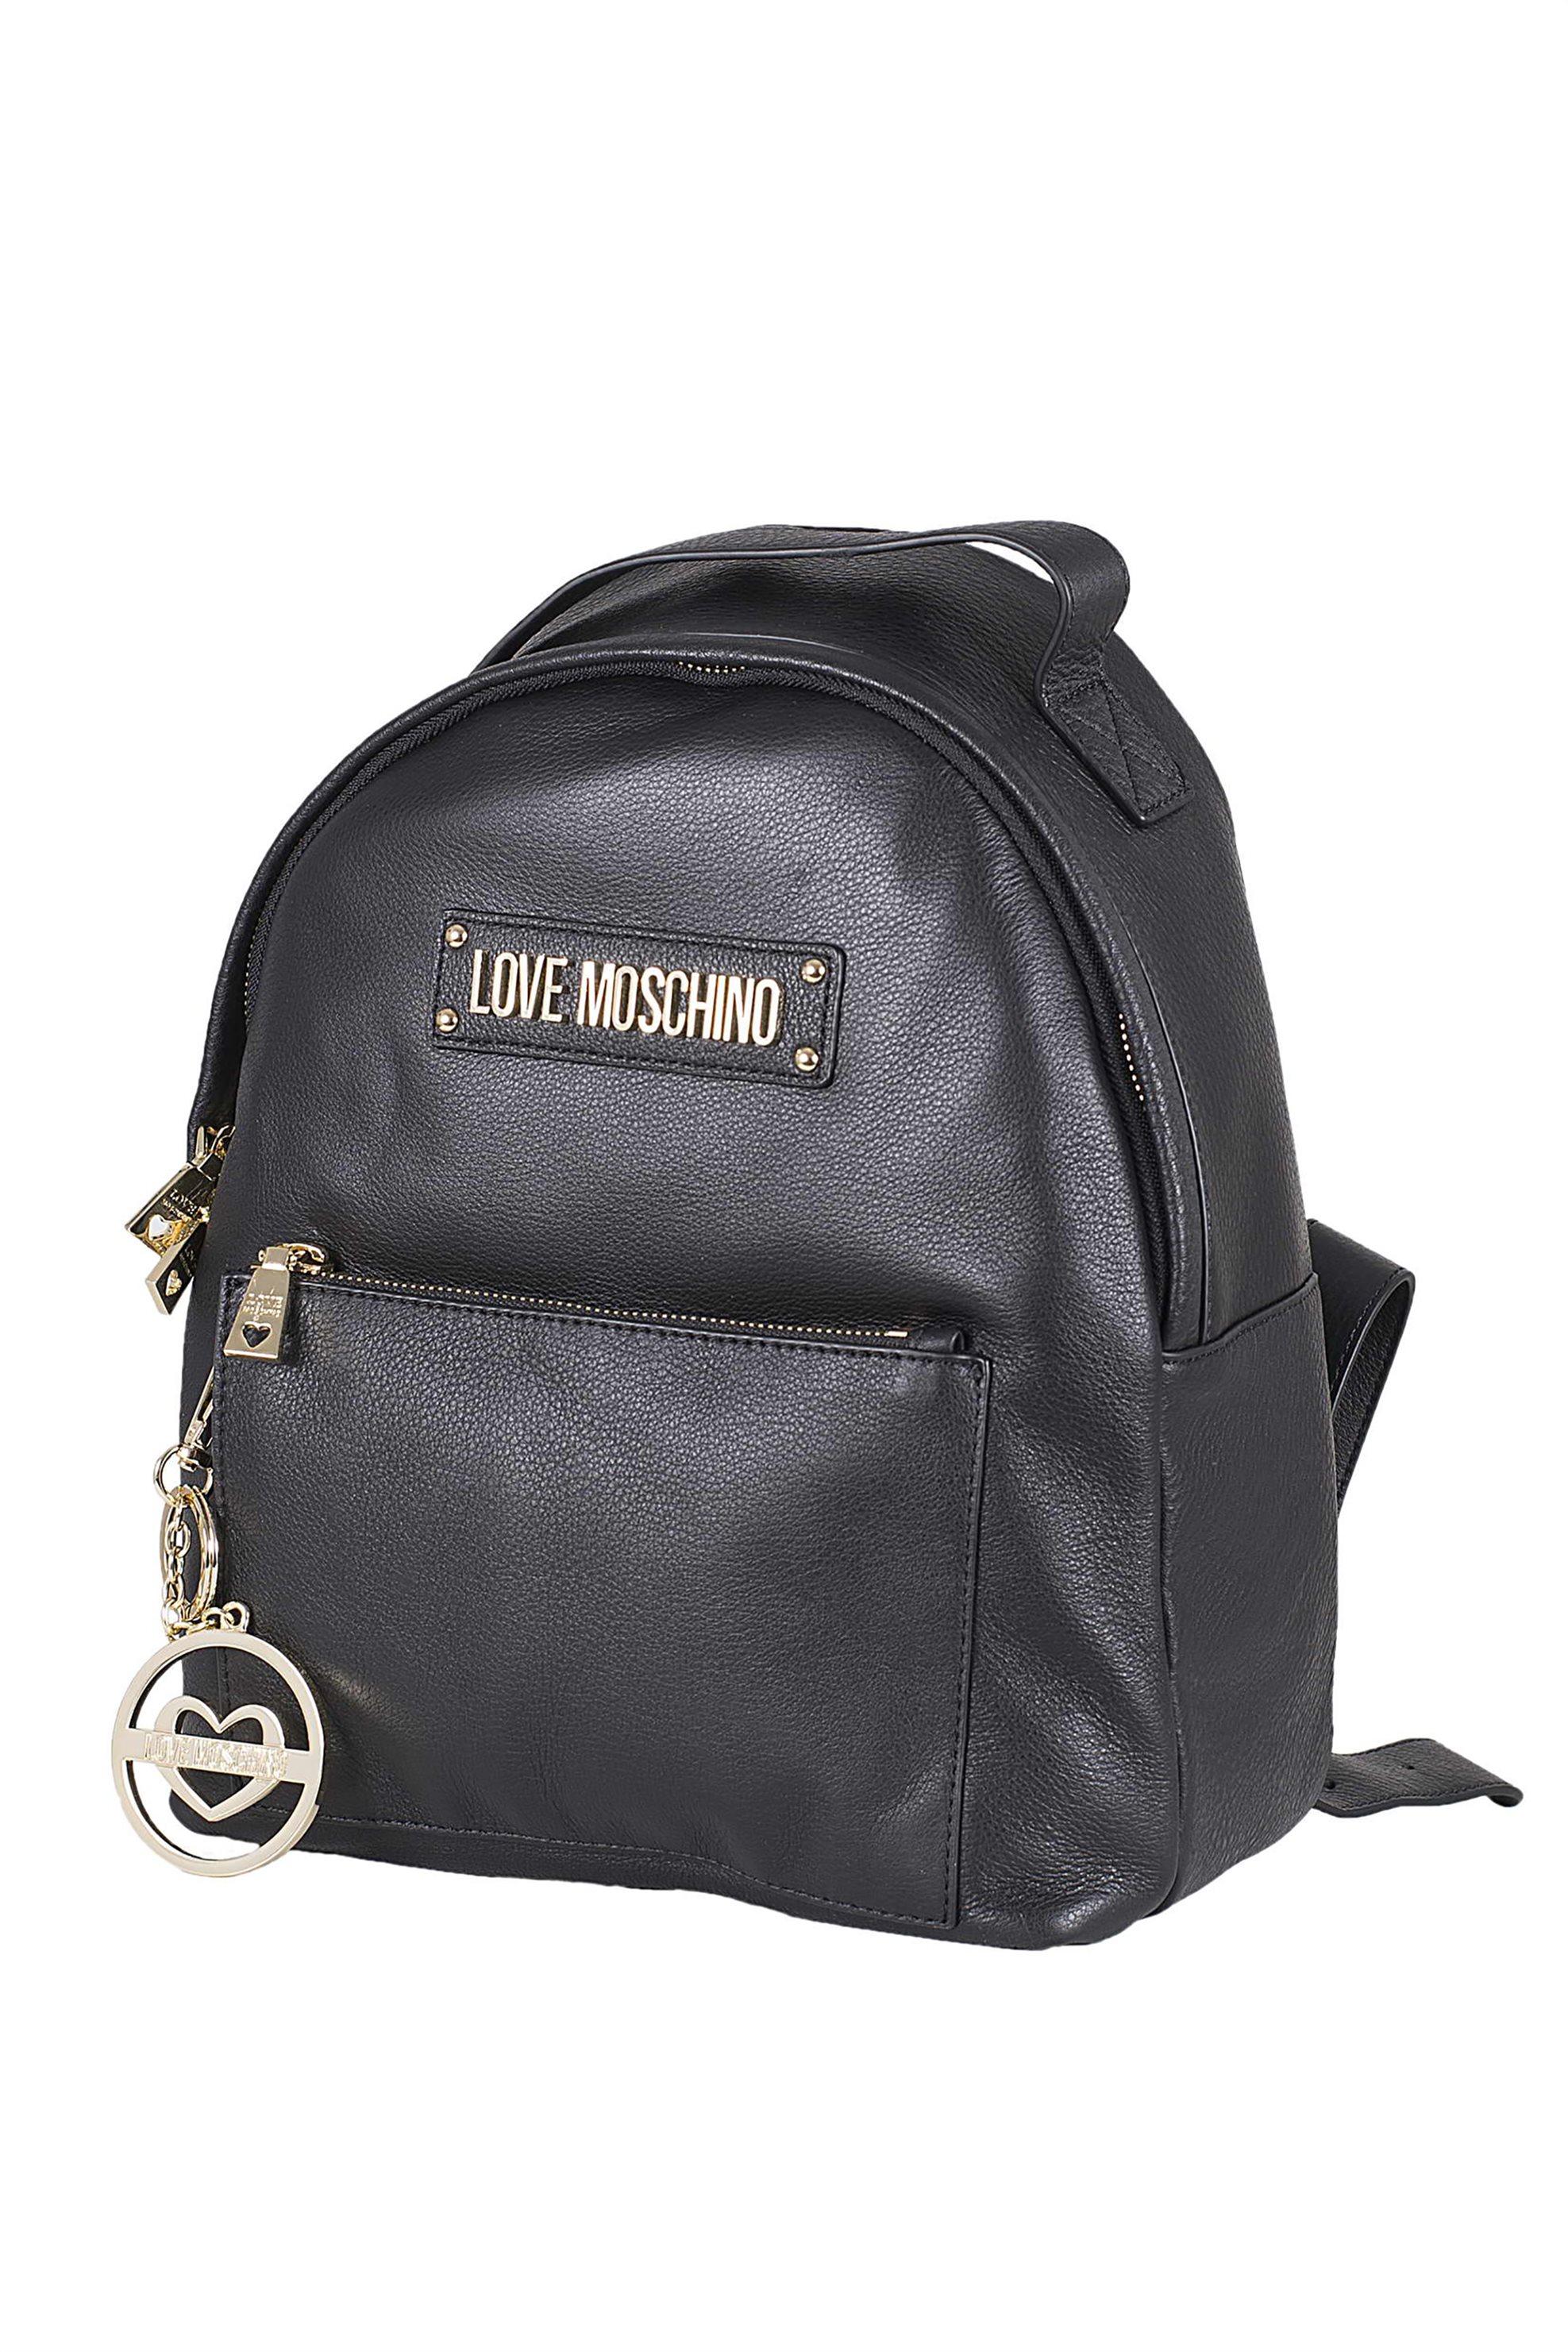 9ced1b8d5d Notos Love Moschino γυναικείο backpack δερμάτινο με μπρελόκ - JC4349PP17L60  - Μαύρο